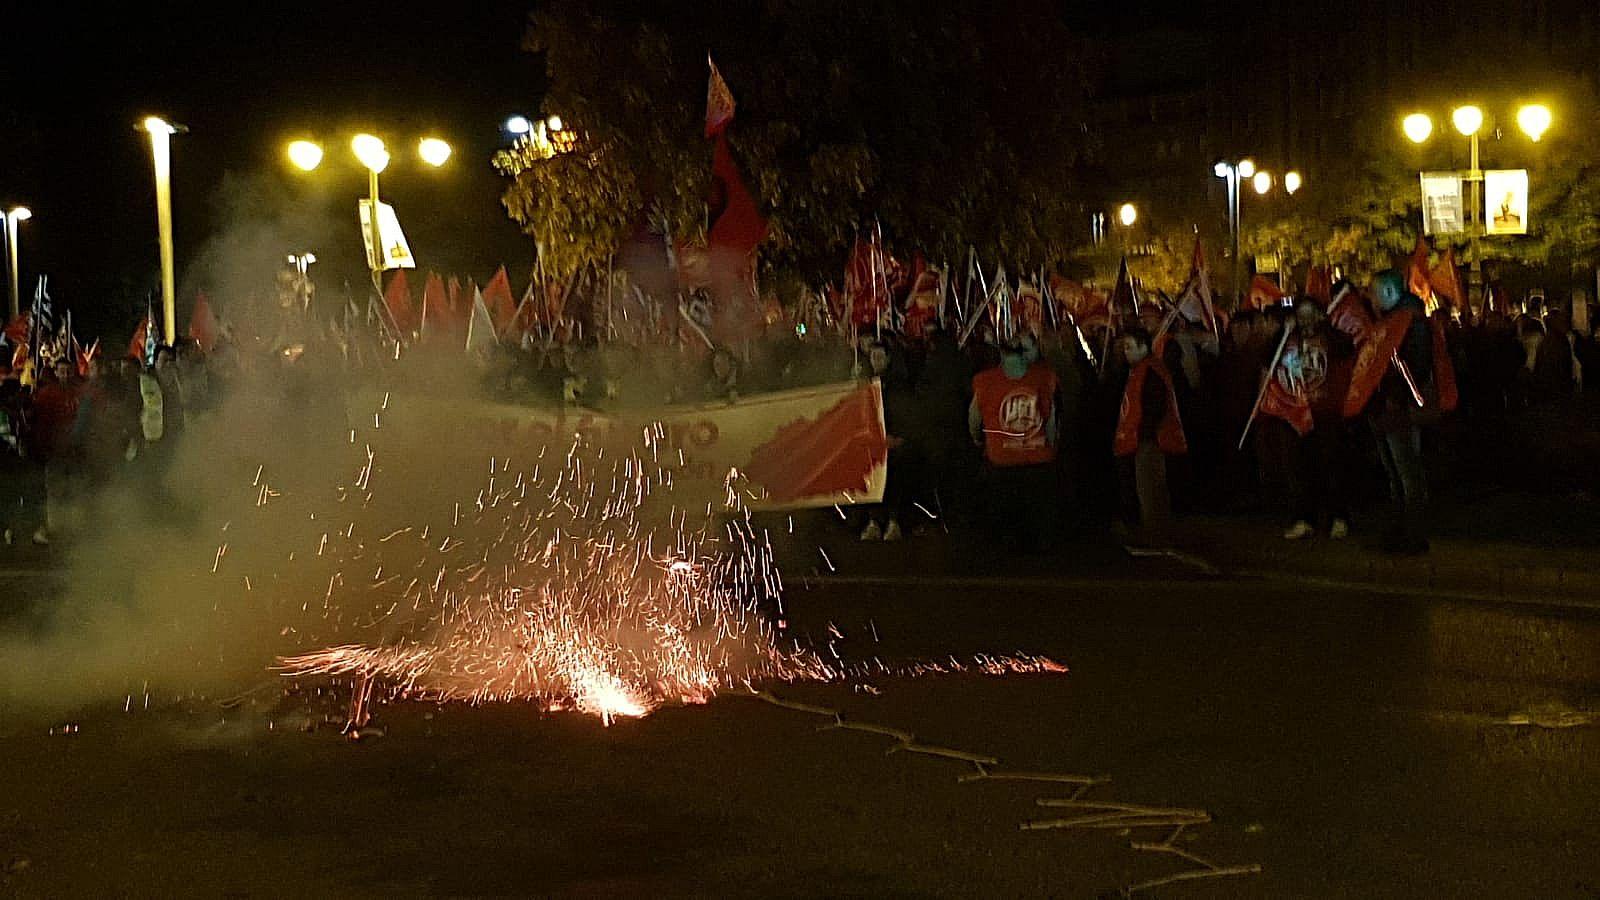 «Esto es un punto de inflexión, León está en una emergencia», aseguran los manifestantes